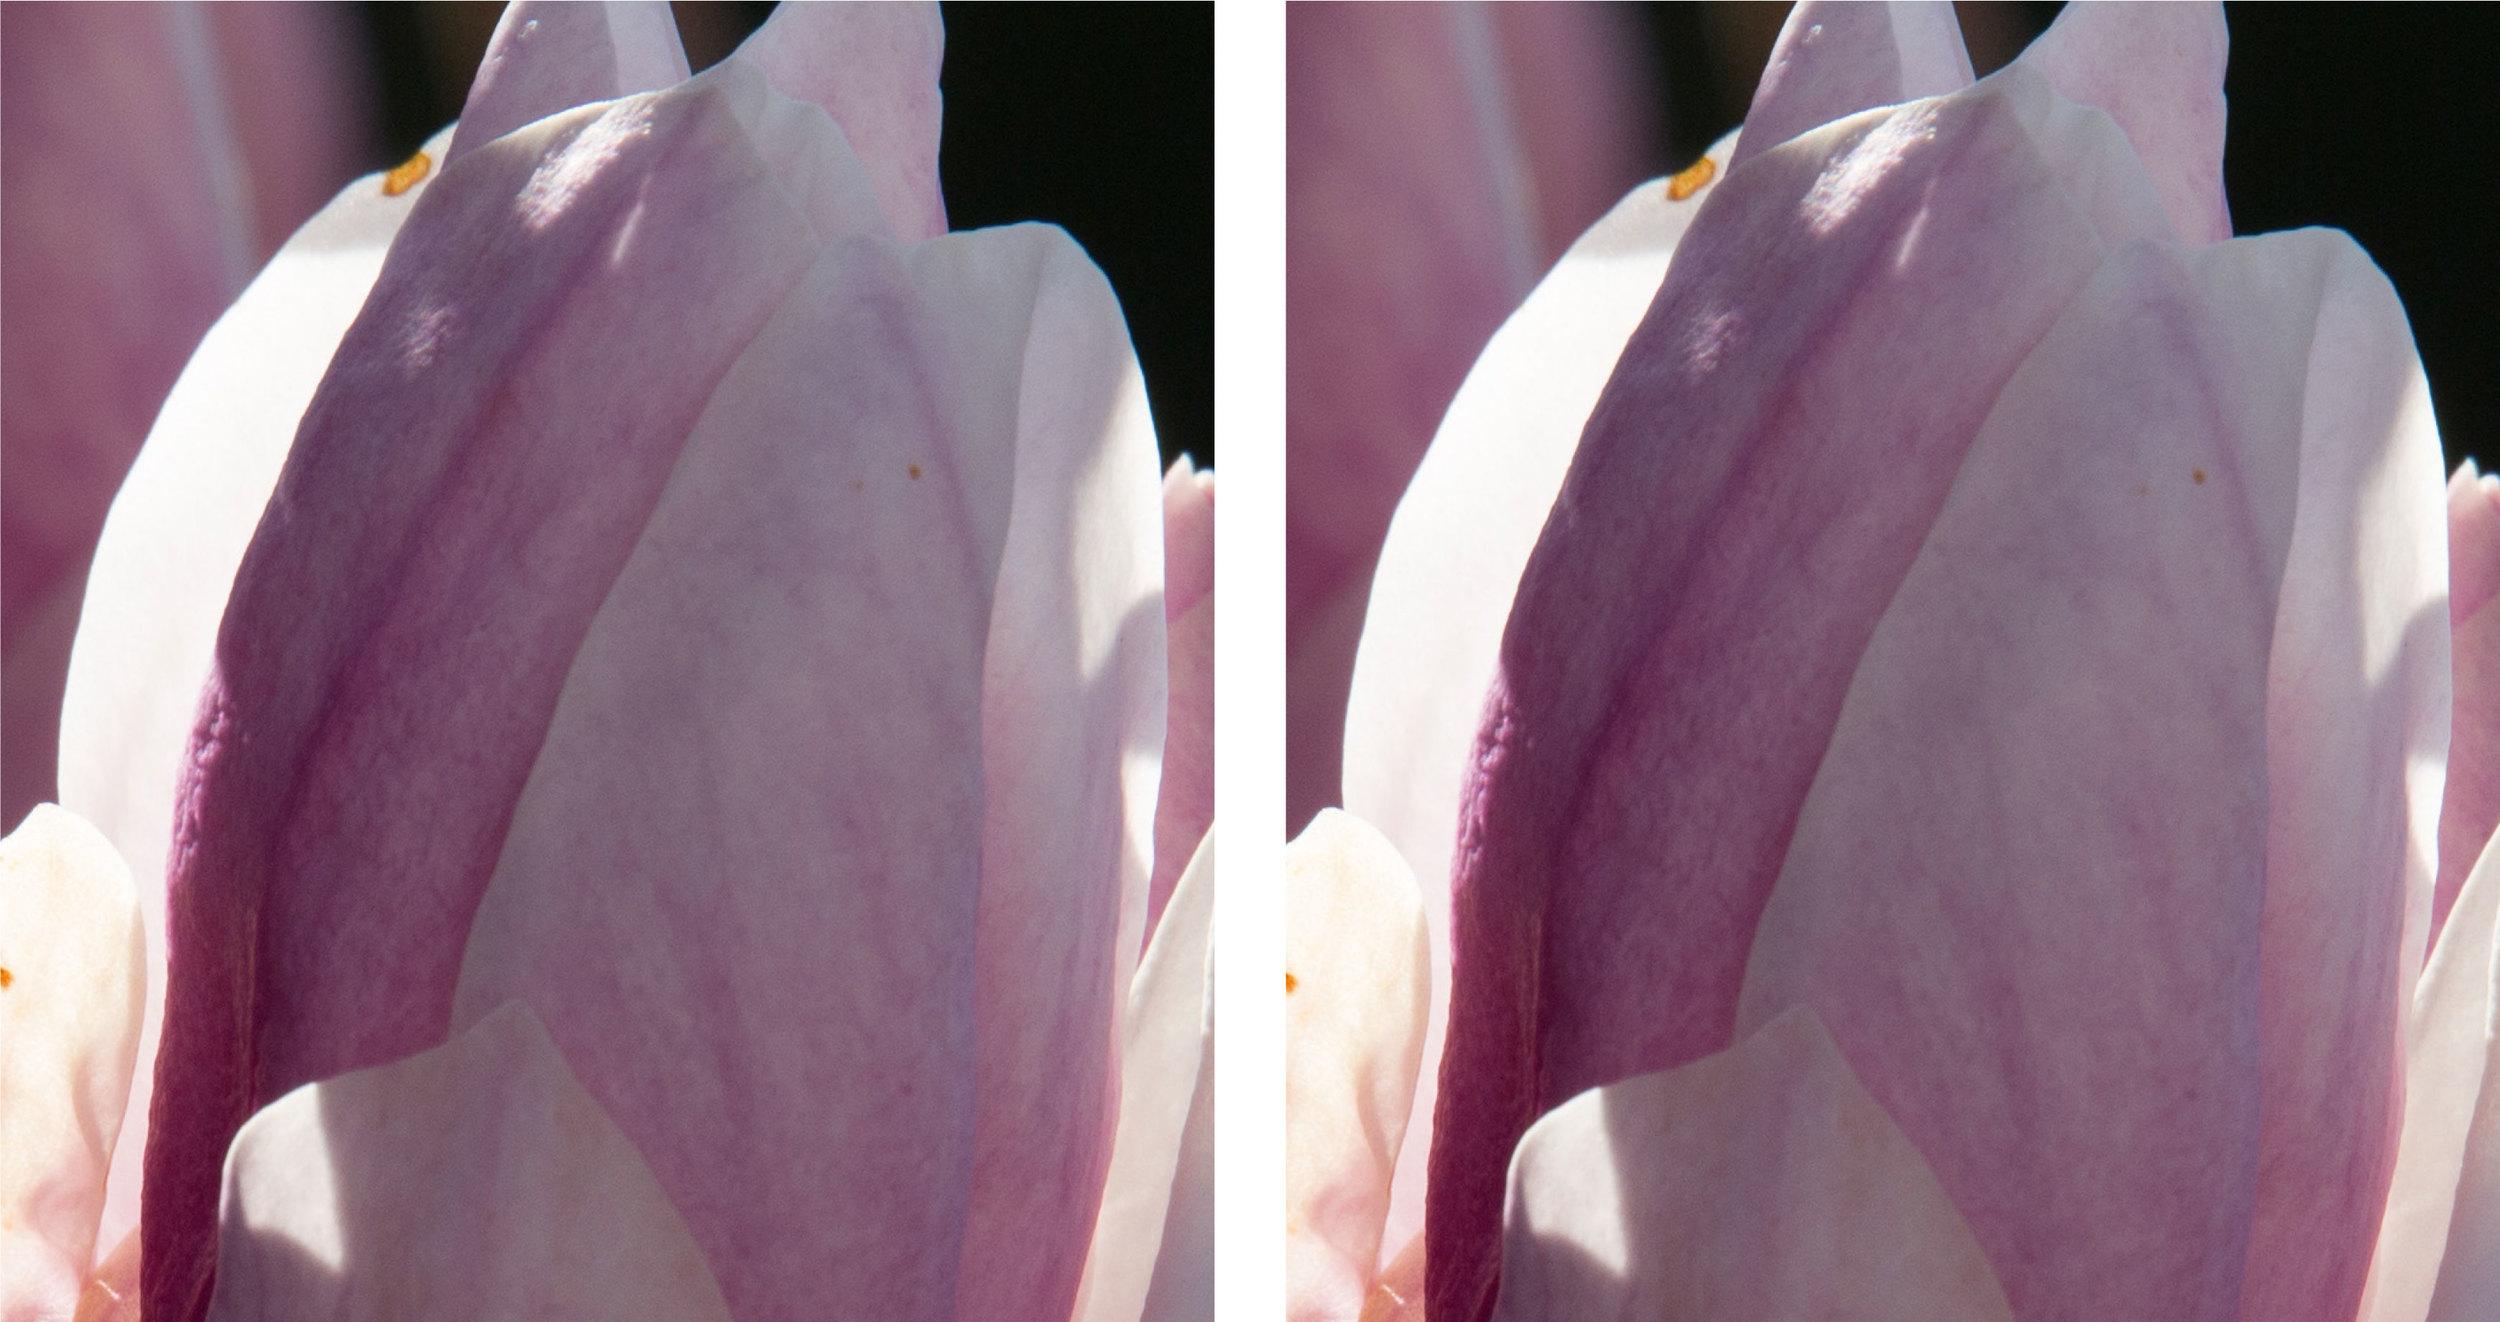 1:1 Ausschnitte bei 600 mm und Blende 11 links Sigma Sports 150–600mm f5–6,3 DG OS HSM, rechts Tamron SP 150–600mm f5–6.3 VC USD (für vergrösserte Ansicht auf die Bilder klicken)